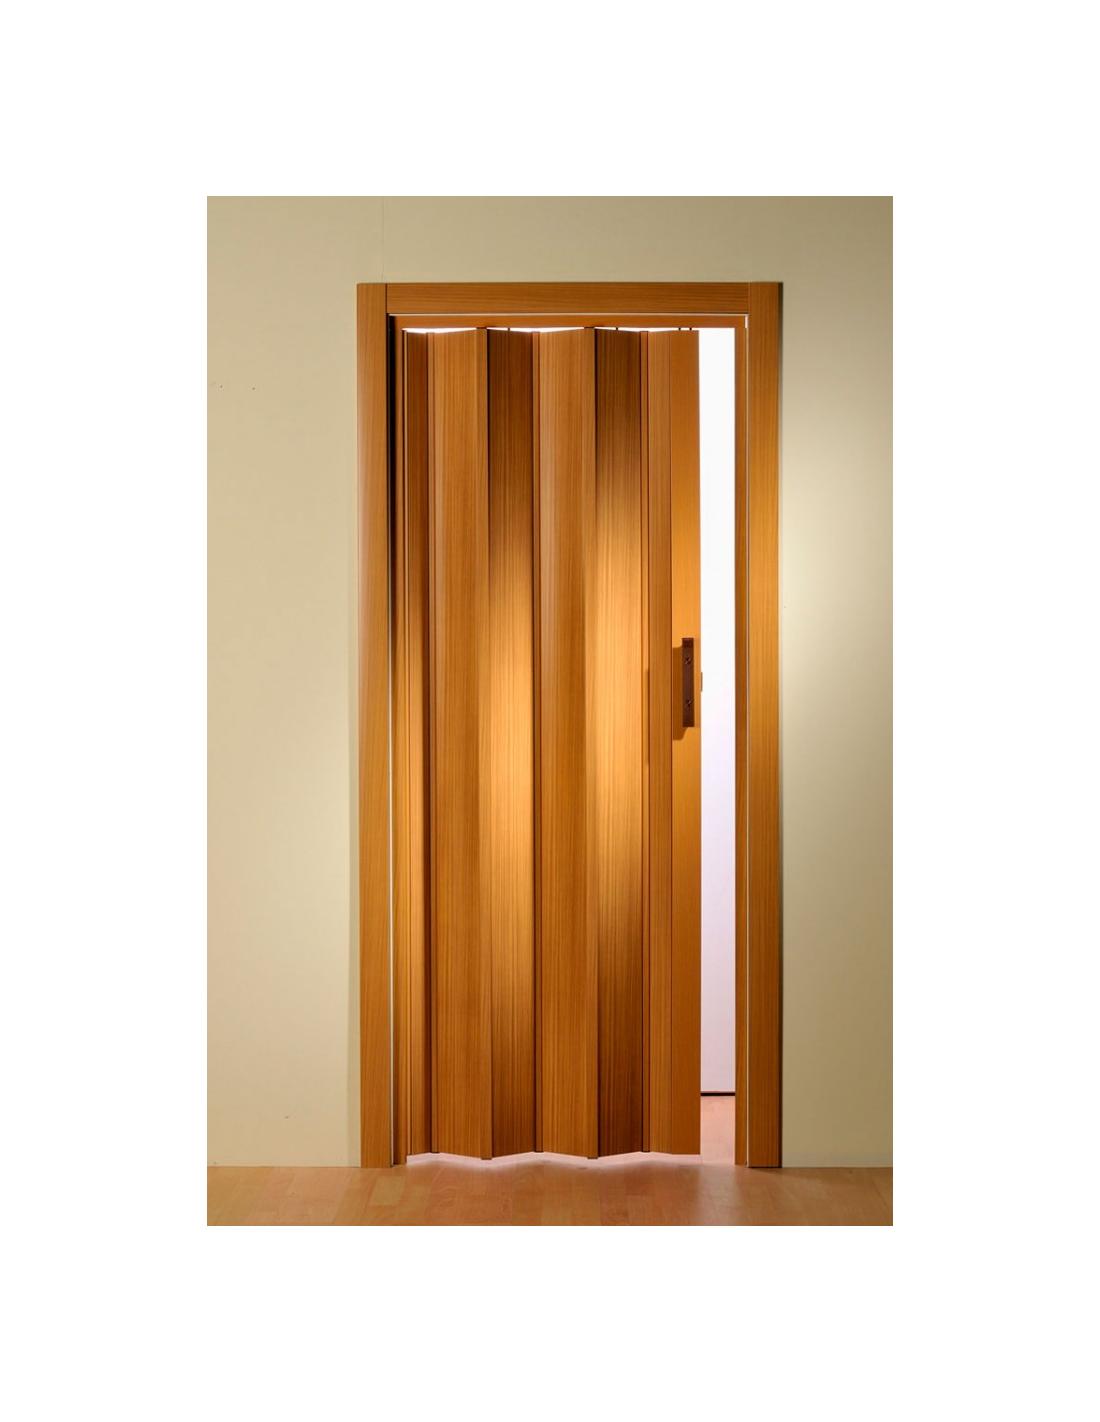 Pannelli isolanti decorativi - Porta a soffietto in vetro ...